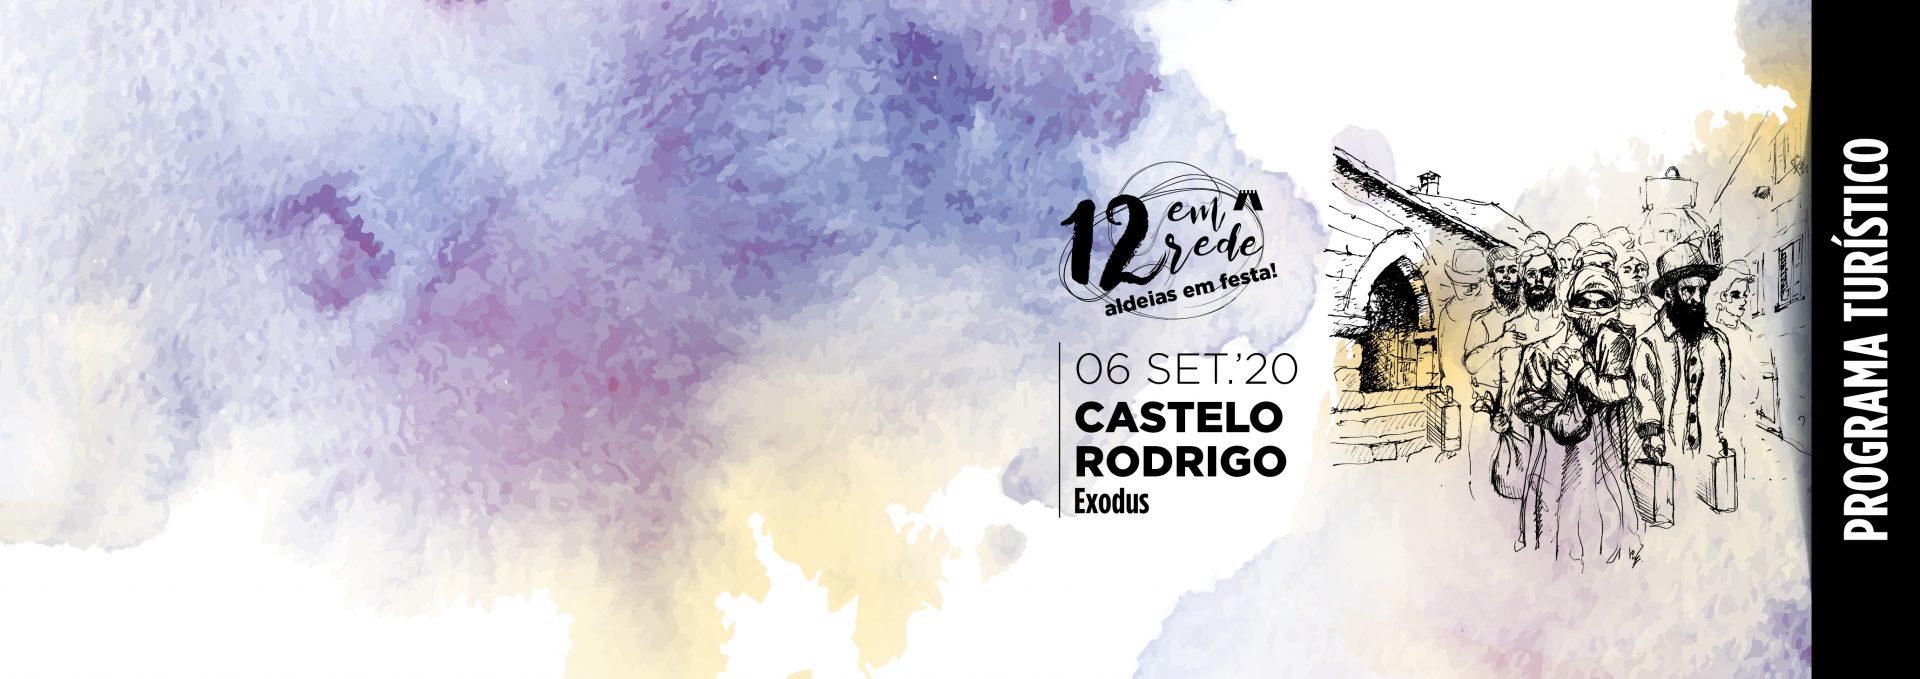 Experiências turísticas - Castelo Rodrigo